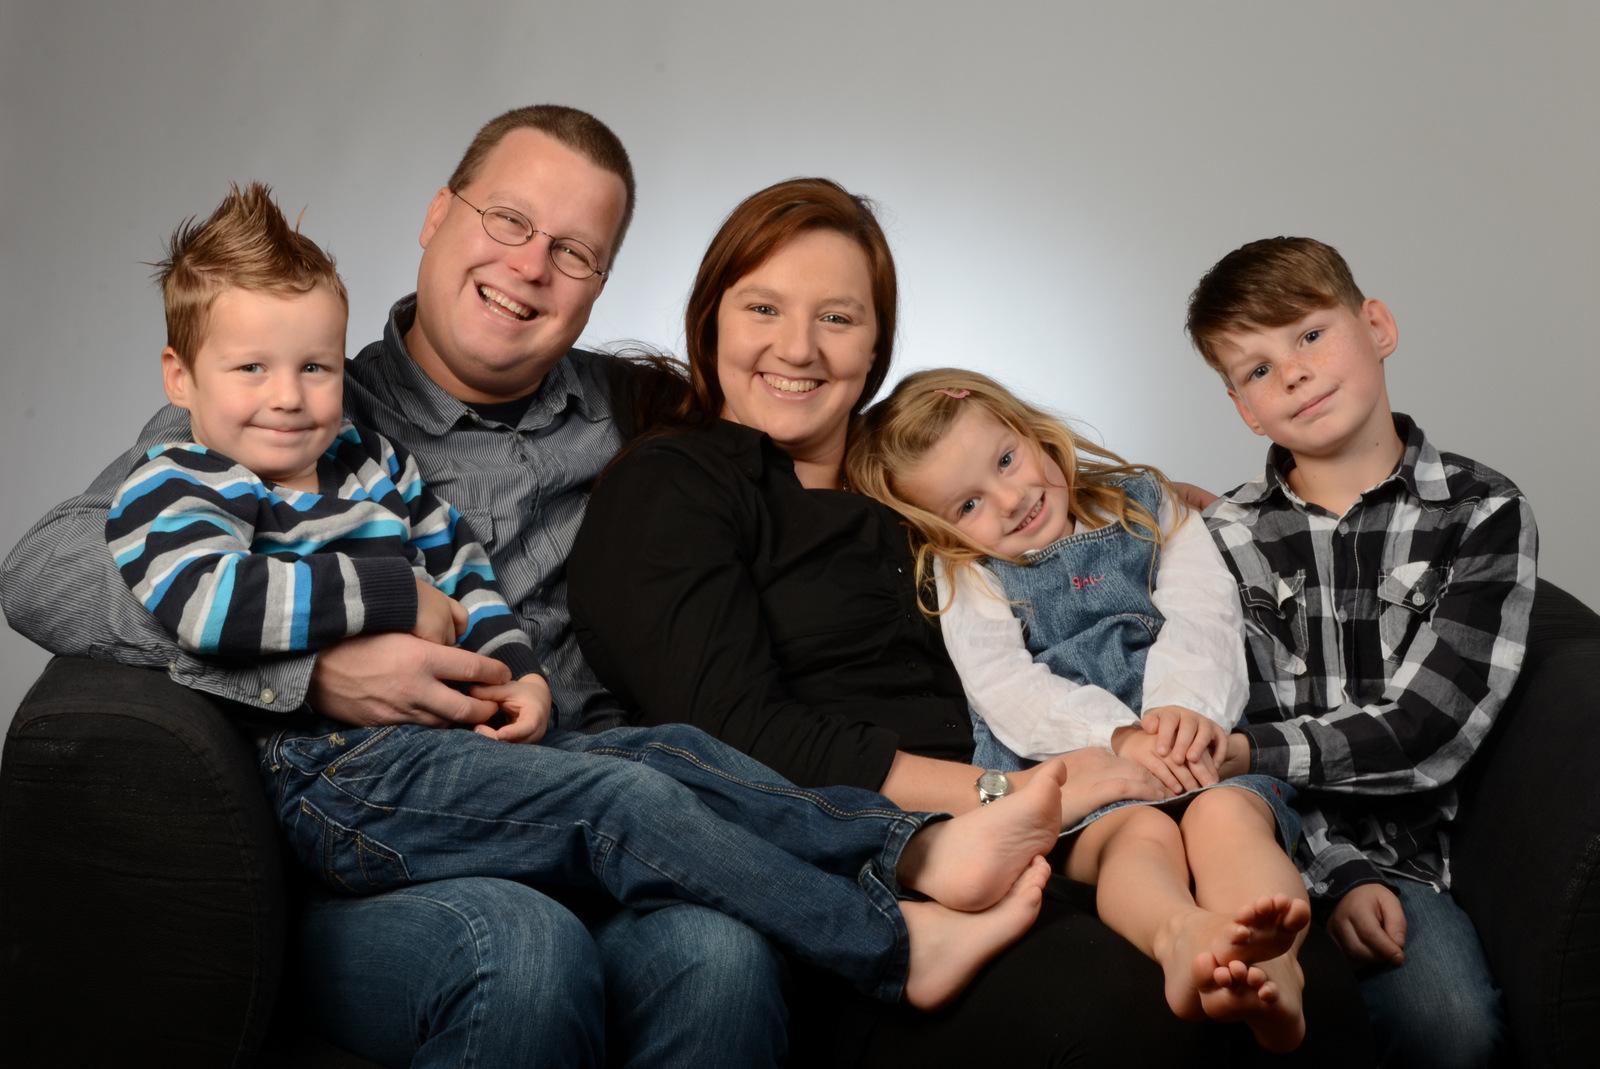 Familie Mit Drei Kindern : fotos von lachenden kindern und familien sind ein sch nes ~ A.2002-acura-tl-radio.info Haus und Dekorationen